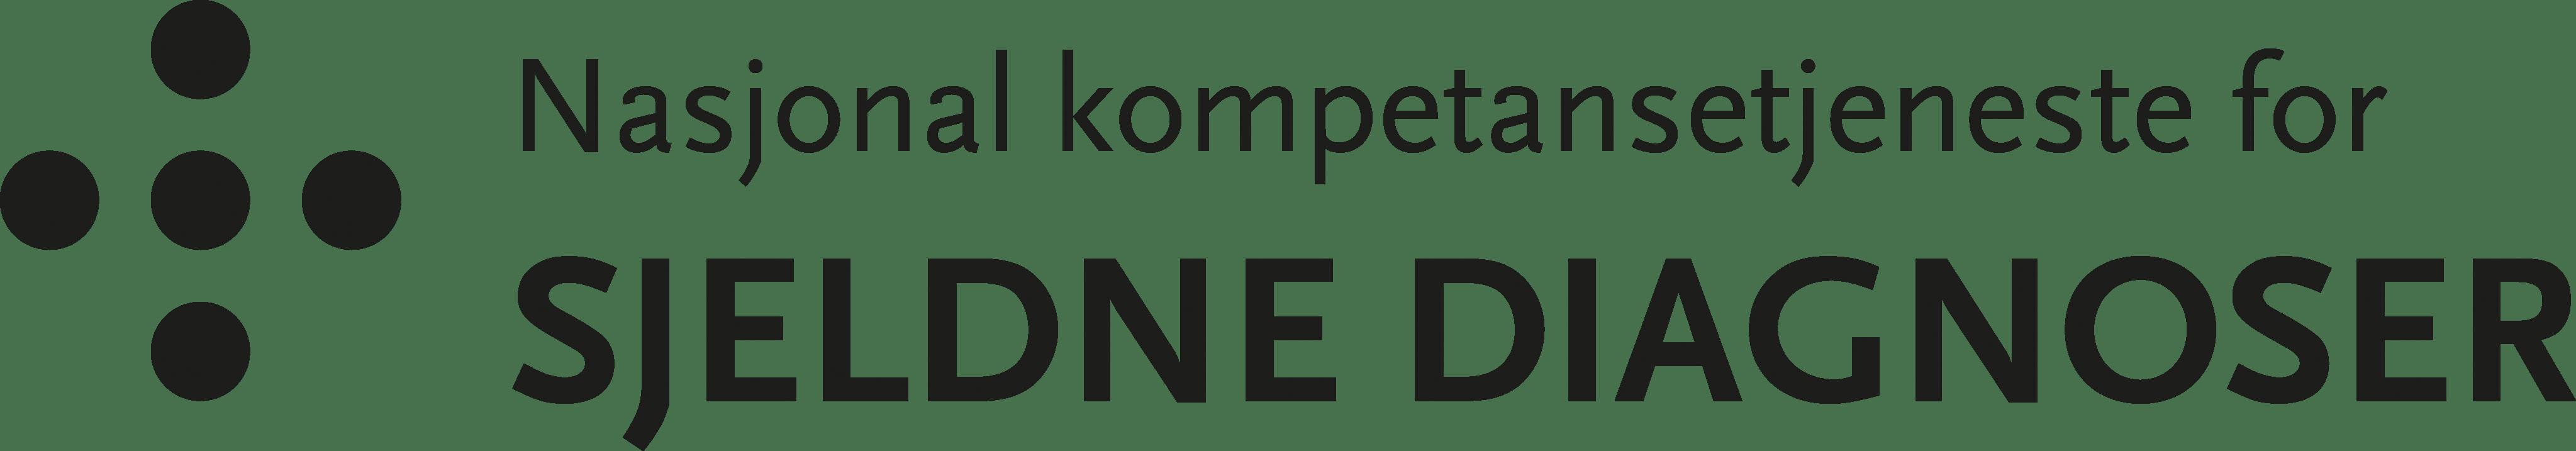 logo nasjonal kompetansetjeneste for sjeldne diagnoser